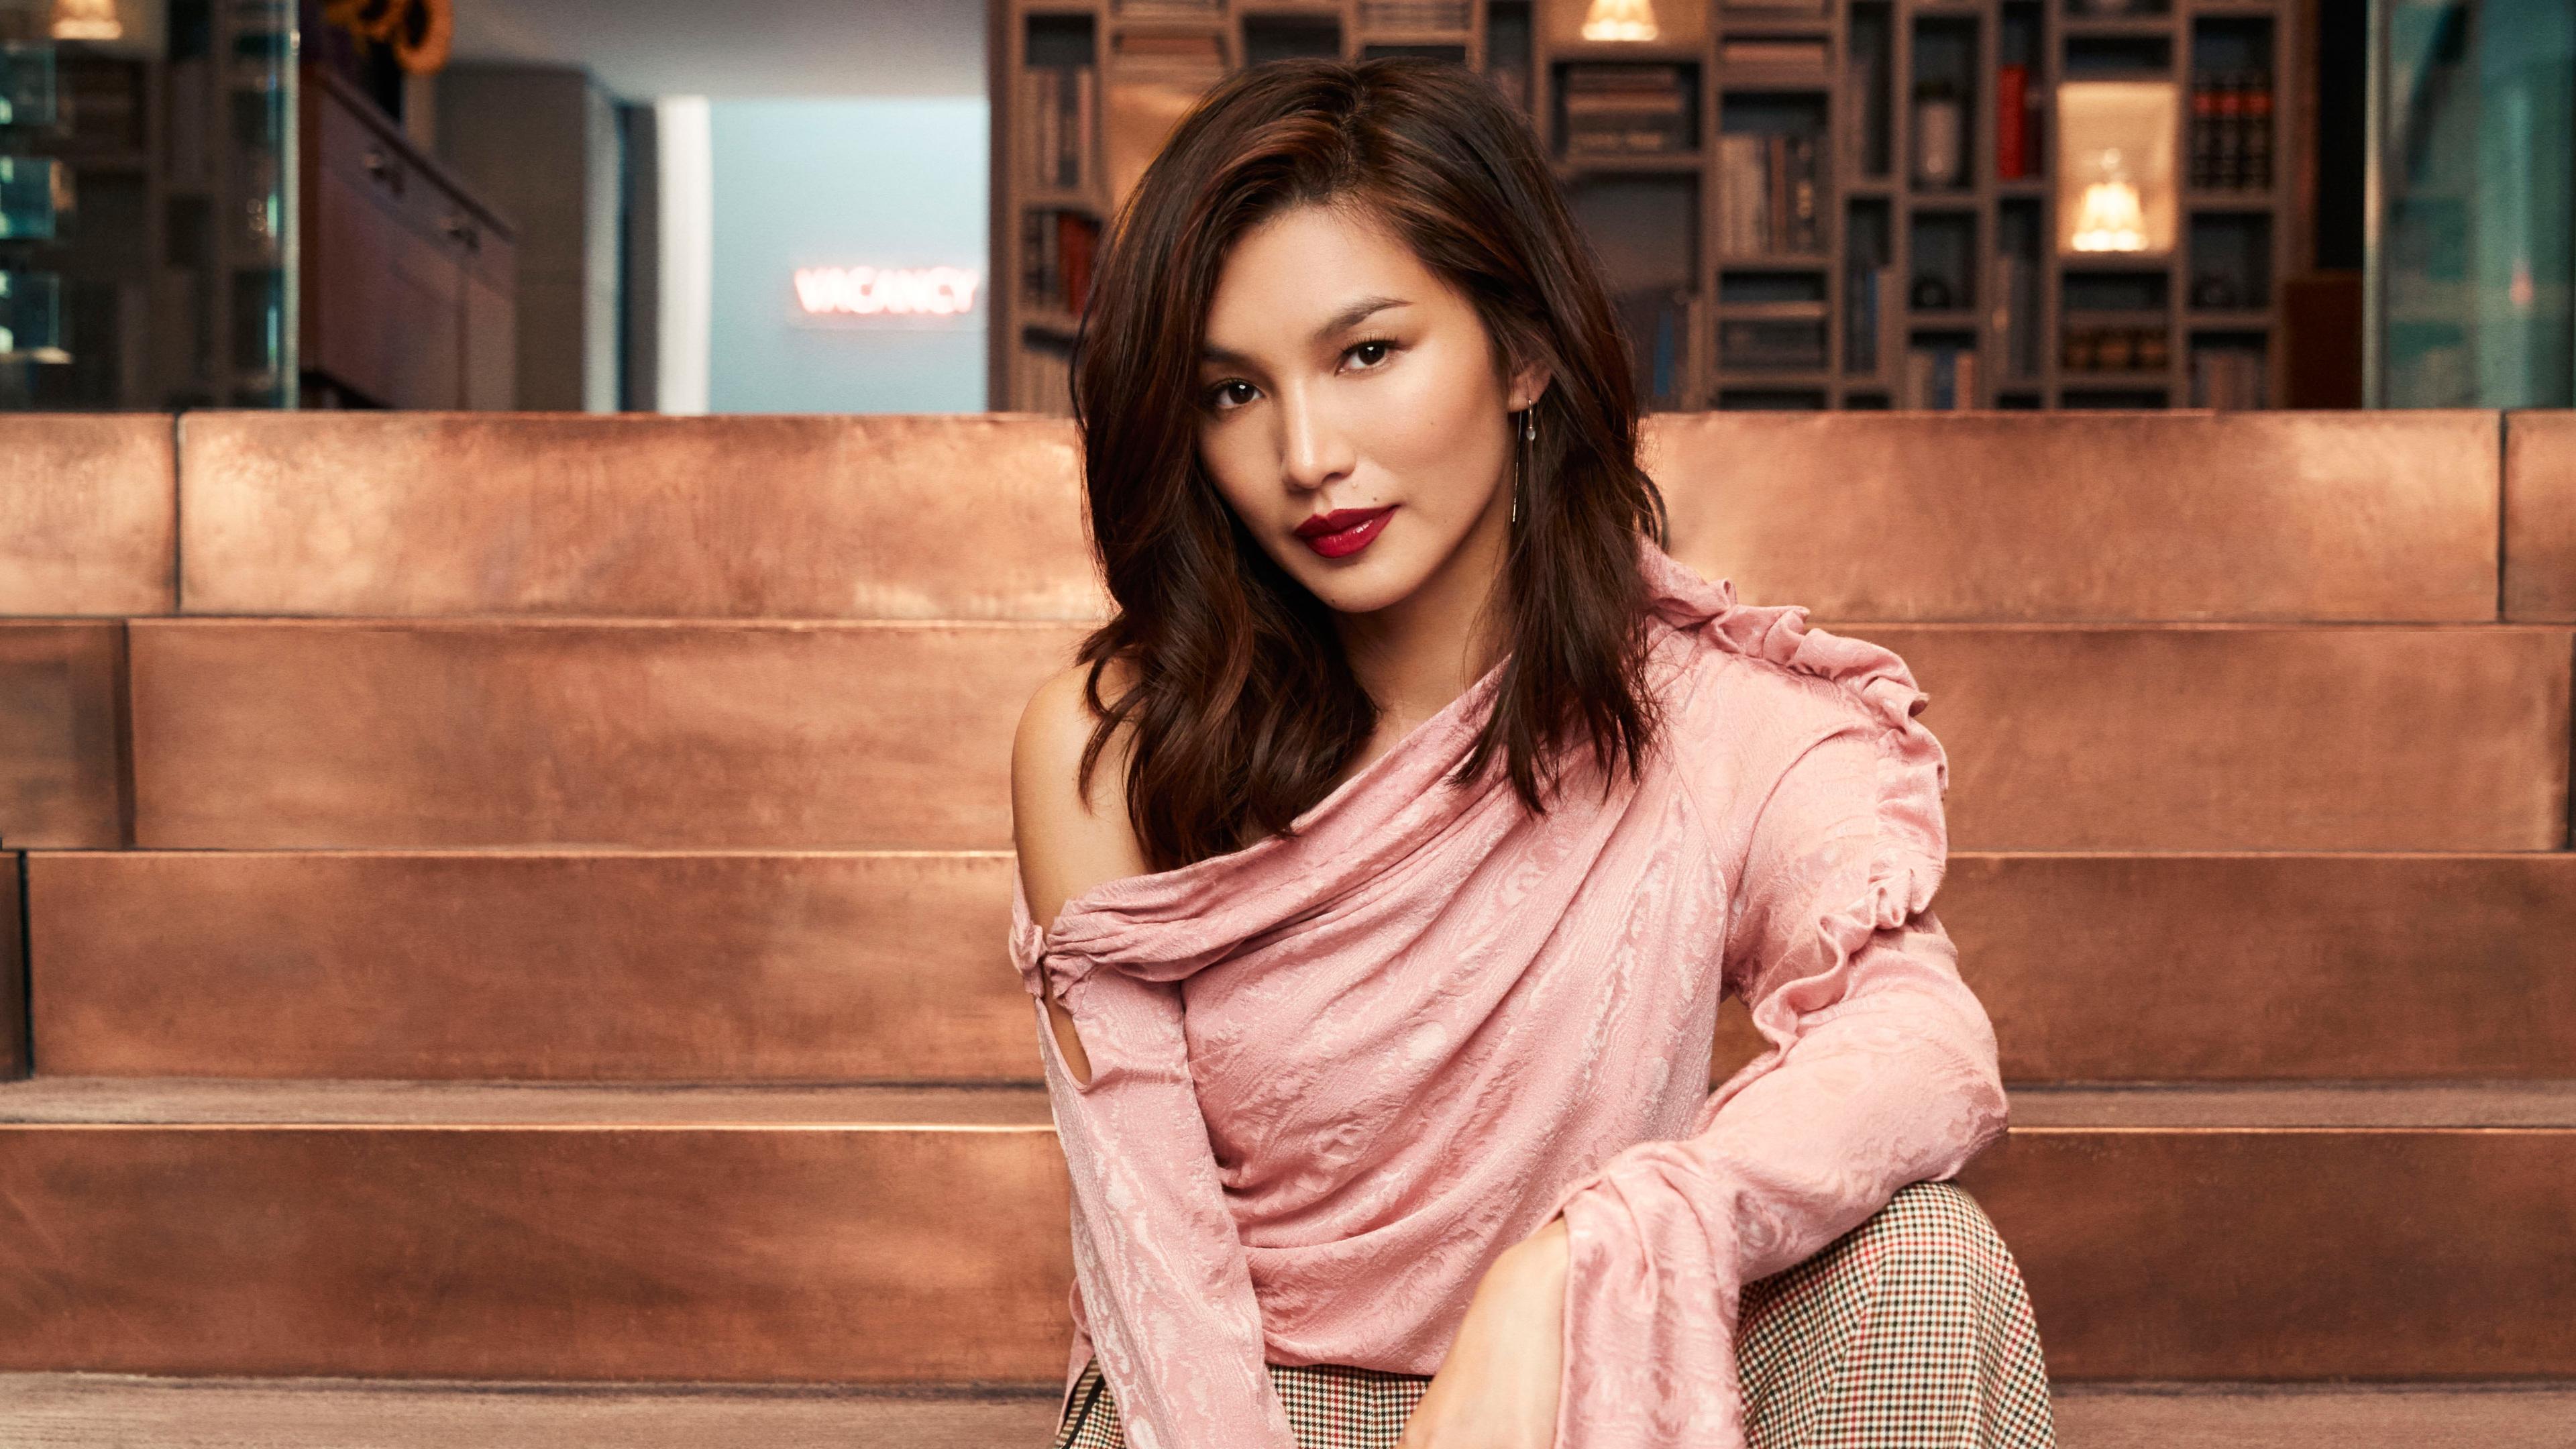 gemma chan 1536951798 - Gemma Chan - hd-wallpapers, girls wallpapers, gemma chan wallpapers, celebrities wallpapers, 4k-wallpapers